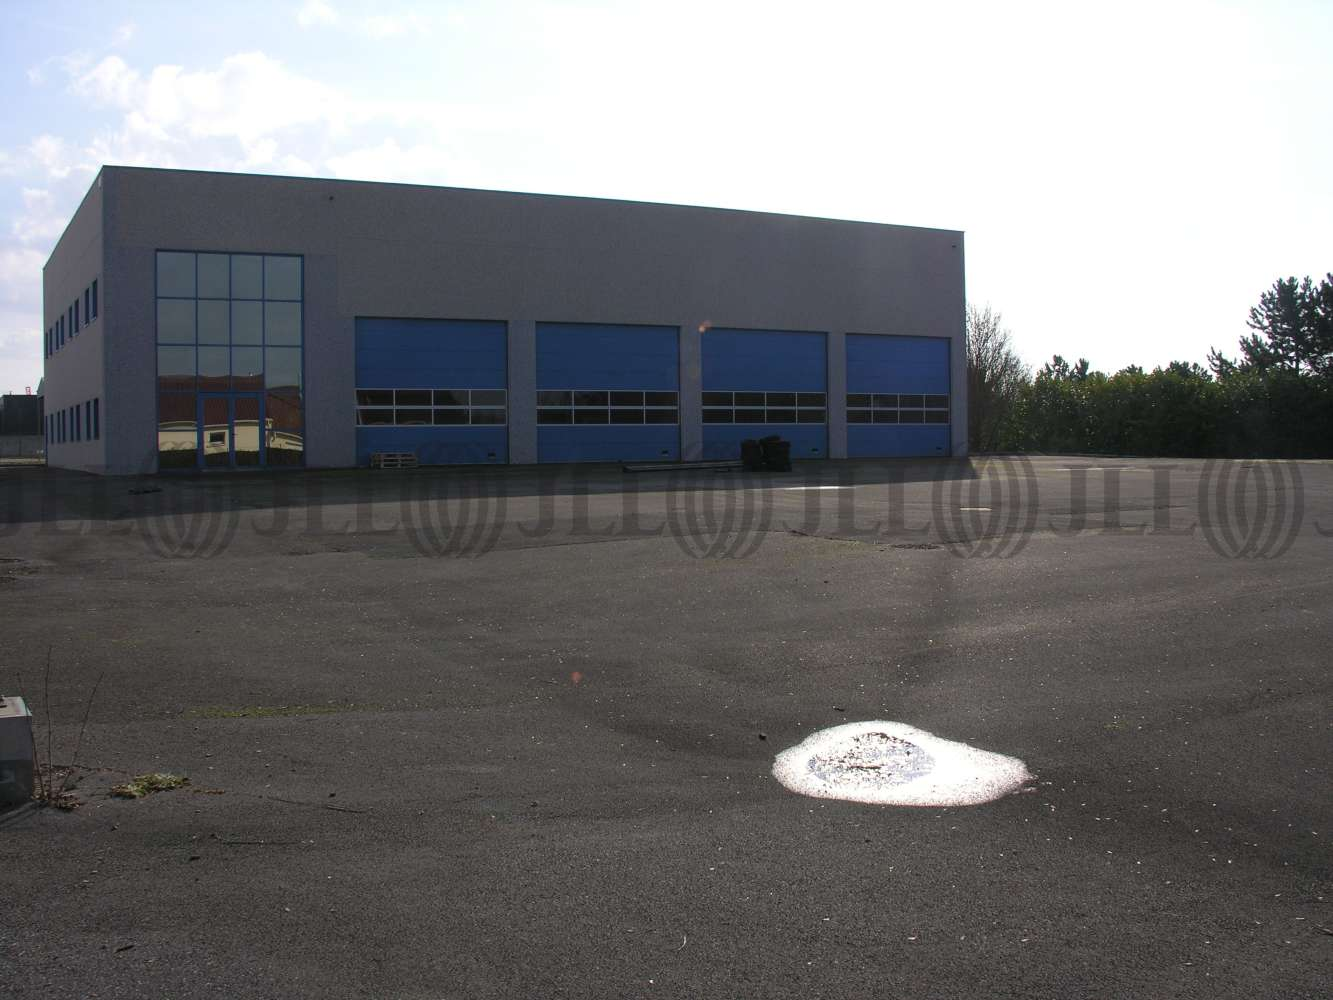 Activités/entrepôt Reims, 51100 - 13 RUE DU CHANOINE HESS - 488745